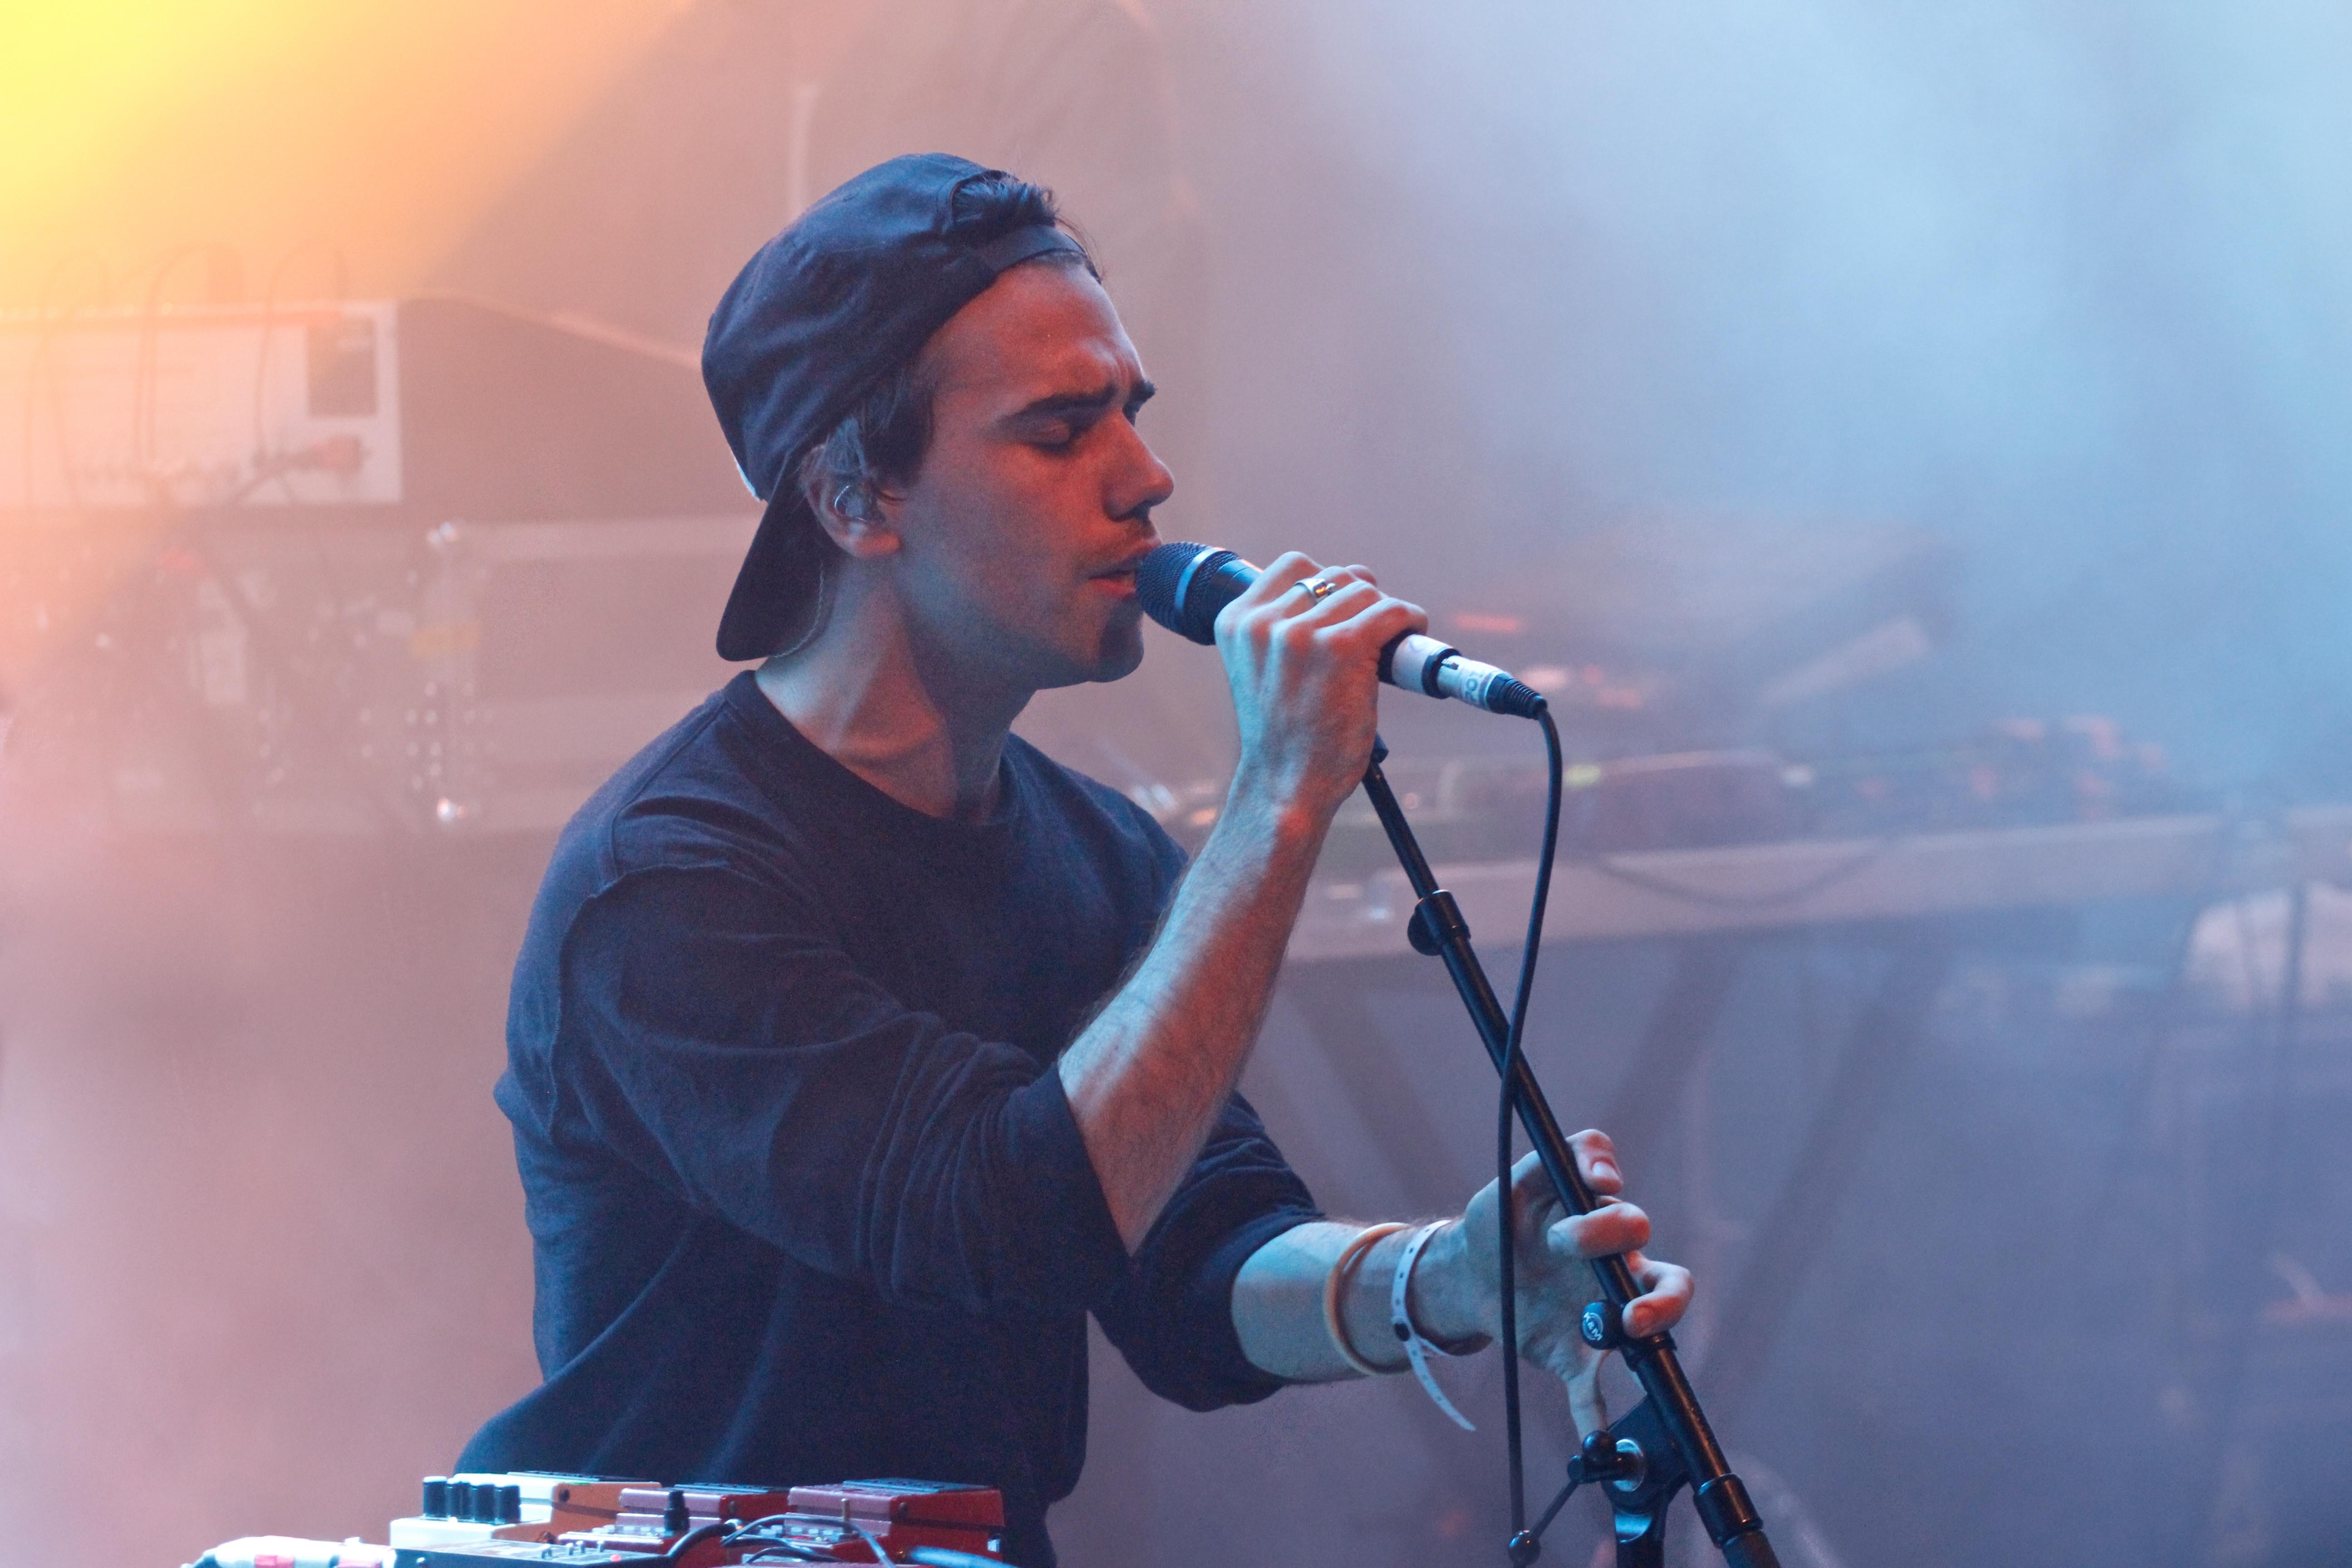 Jagwar Ma en concert au Inrocks Festival, à La Cigale, à Paris, le 19 novembre 2016 Jagwar Ma en concert au Inrocks Festival, à La Cigale, à Paris, le 19 novembre 2016